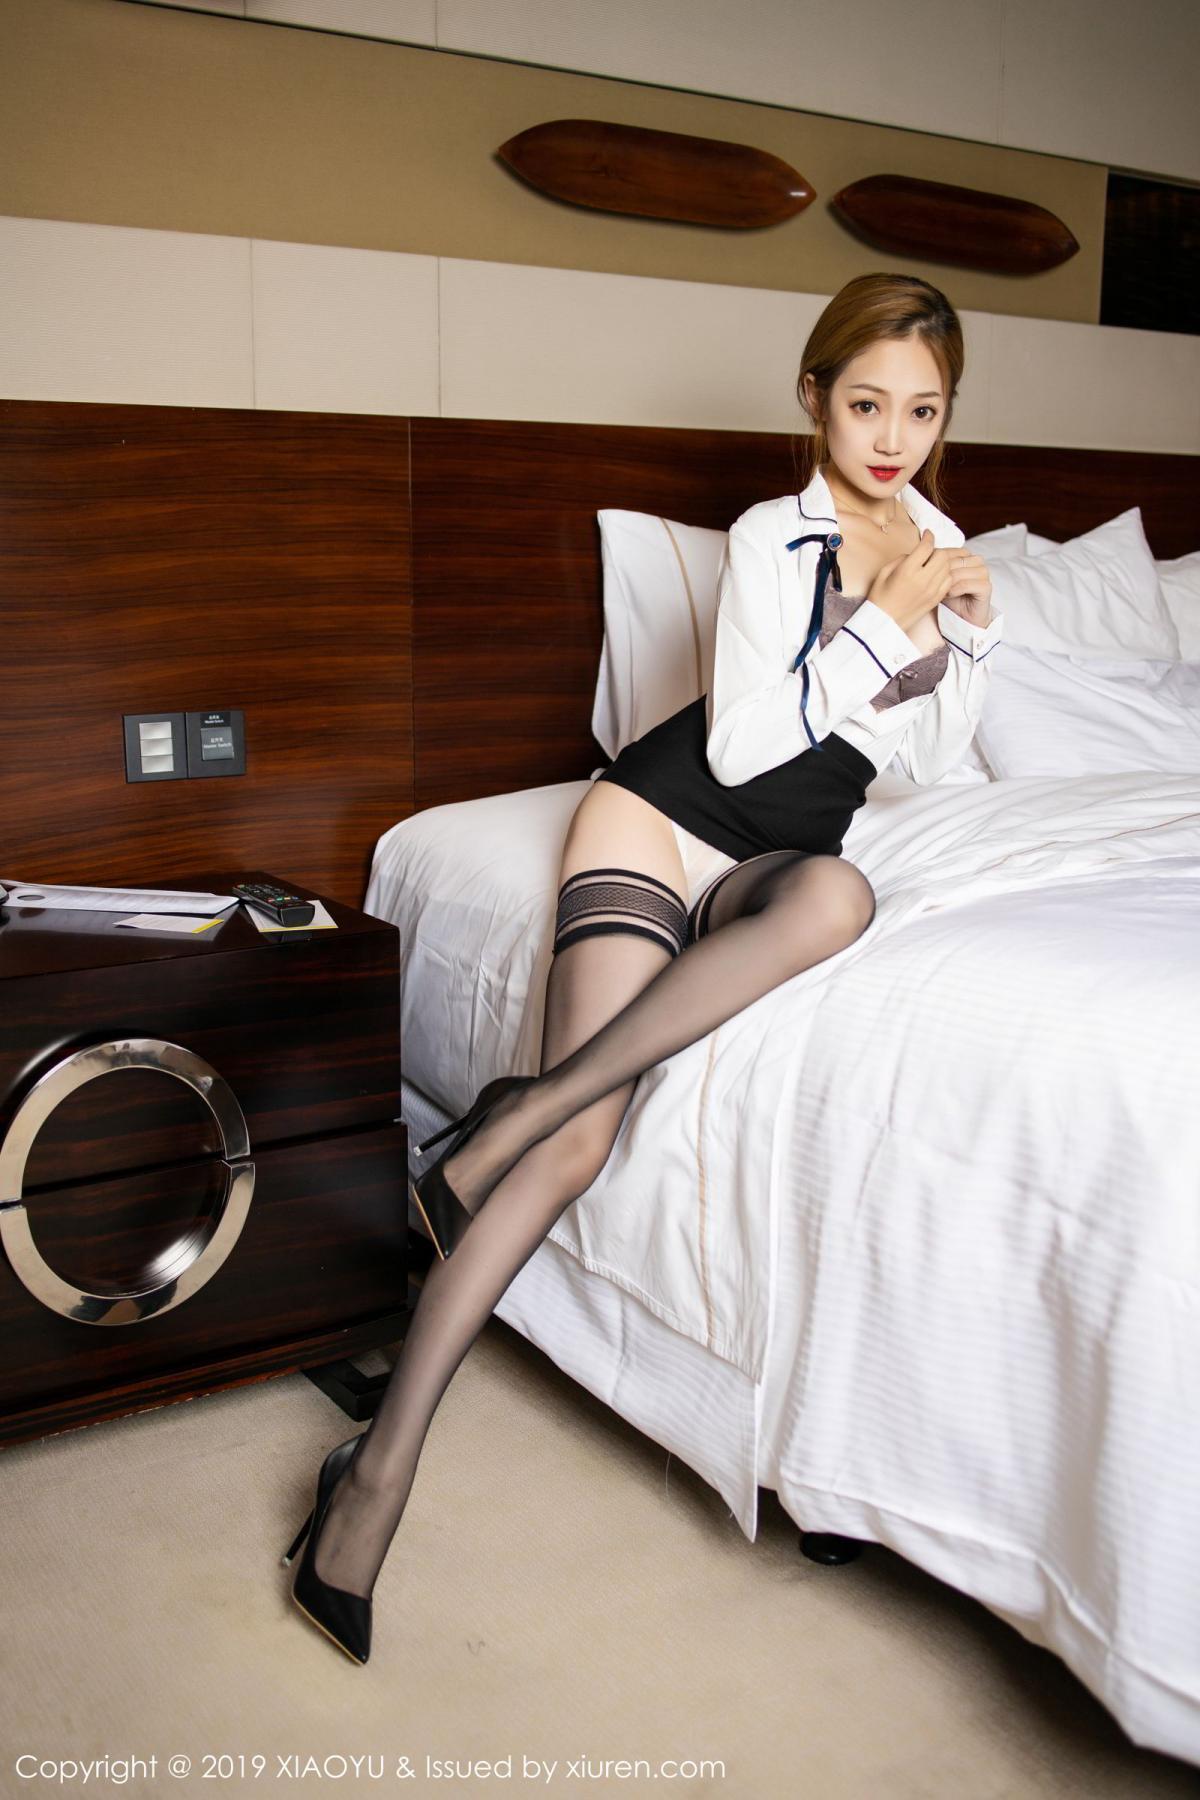 [XiaoYu] Vol.181 Yuner Claire 20P, Black Silk, Underwear, XiaoYu, Yuner Claire